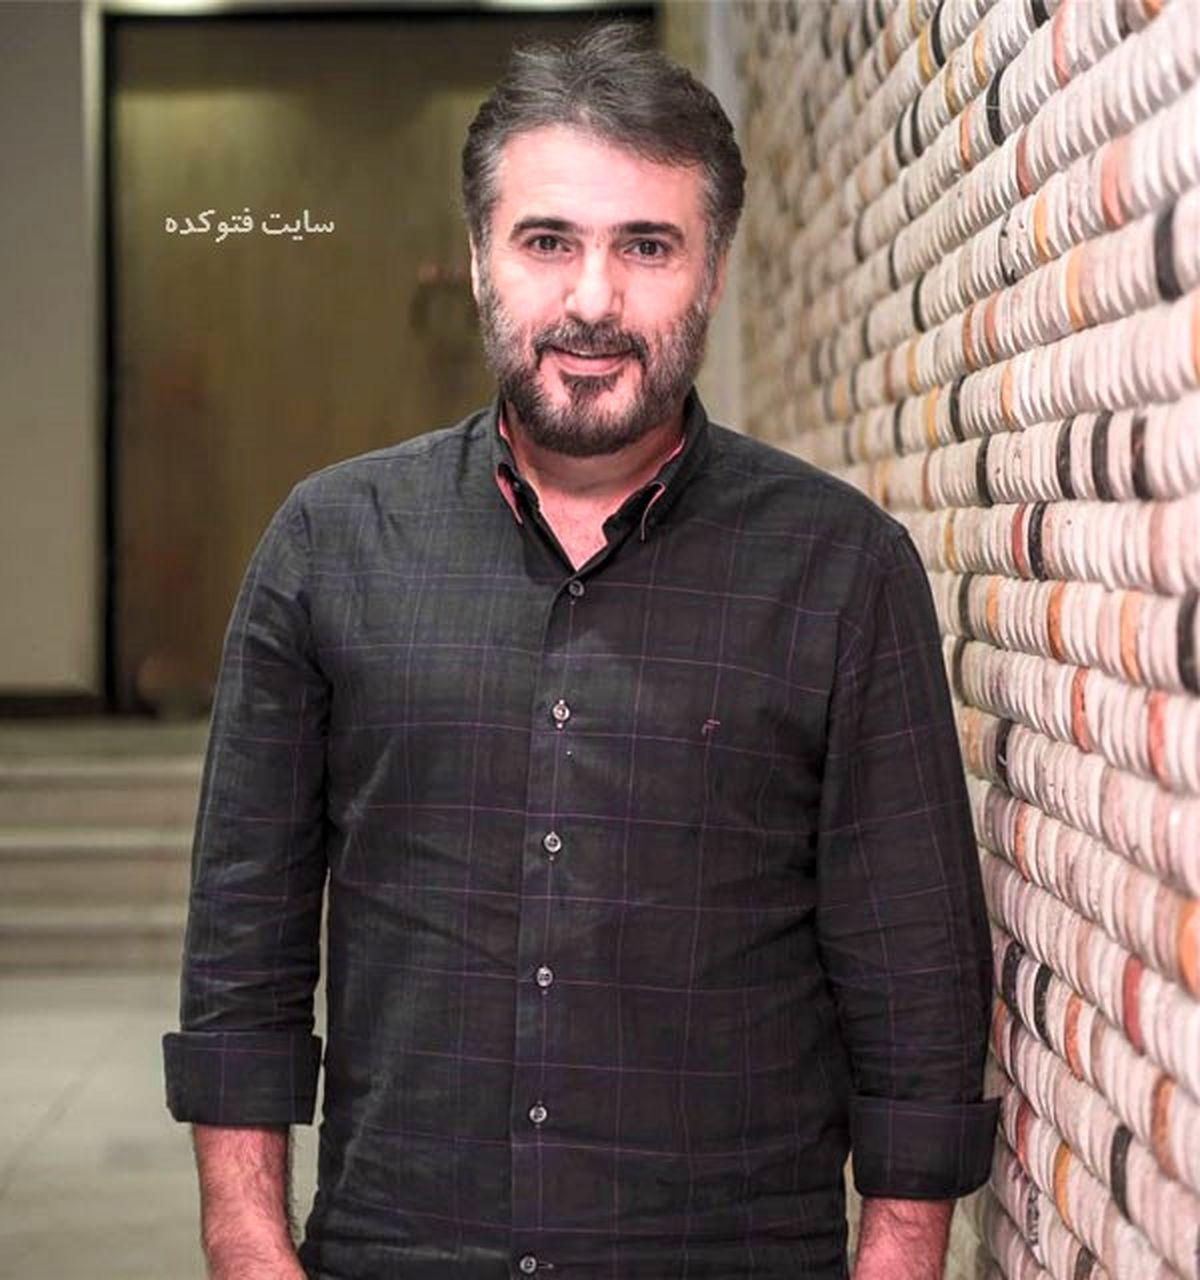 برنامه ارادت بعد از لخت شدن سید جواد هاشمی پخش نشد!